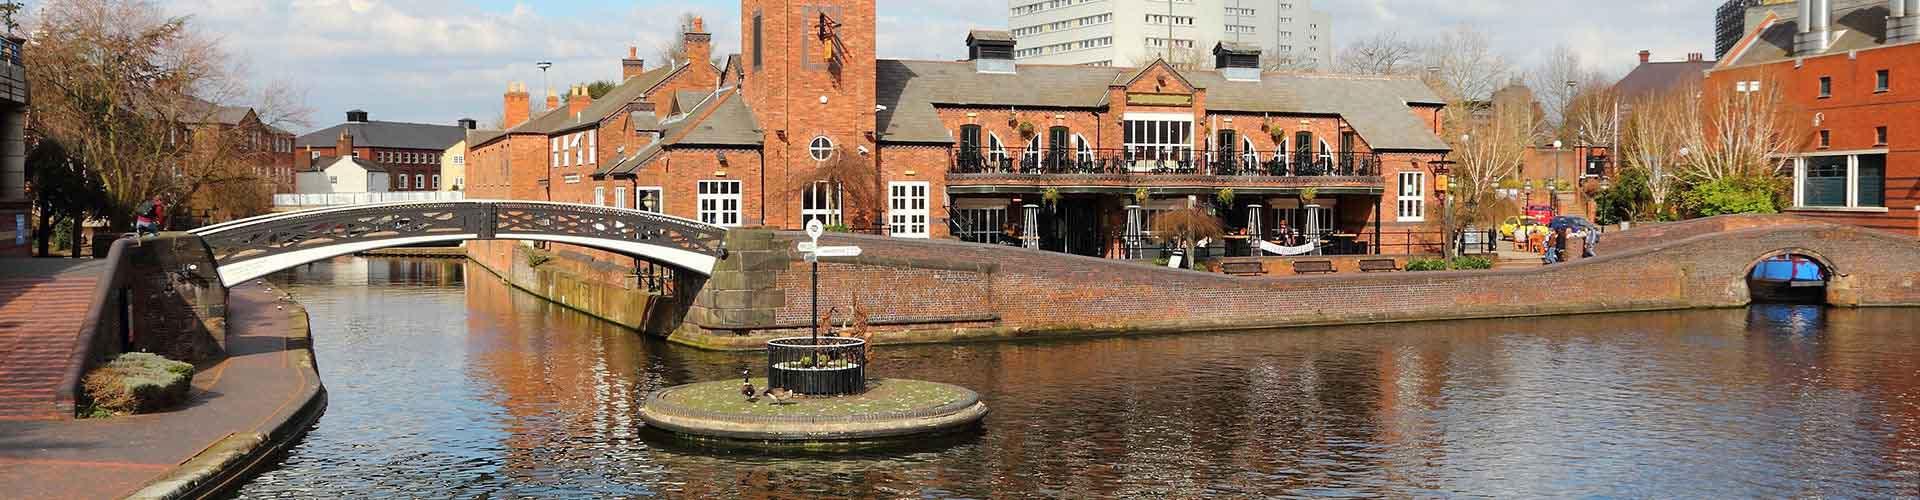 Birmingham - Lakosztályok Birmingham. Birmingham térképek, fotók és ajánlások minden egyes Birmingham lakosztályról.